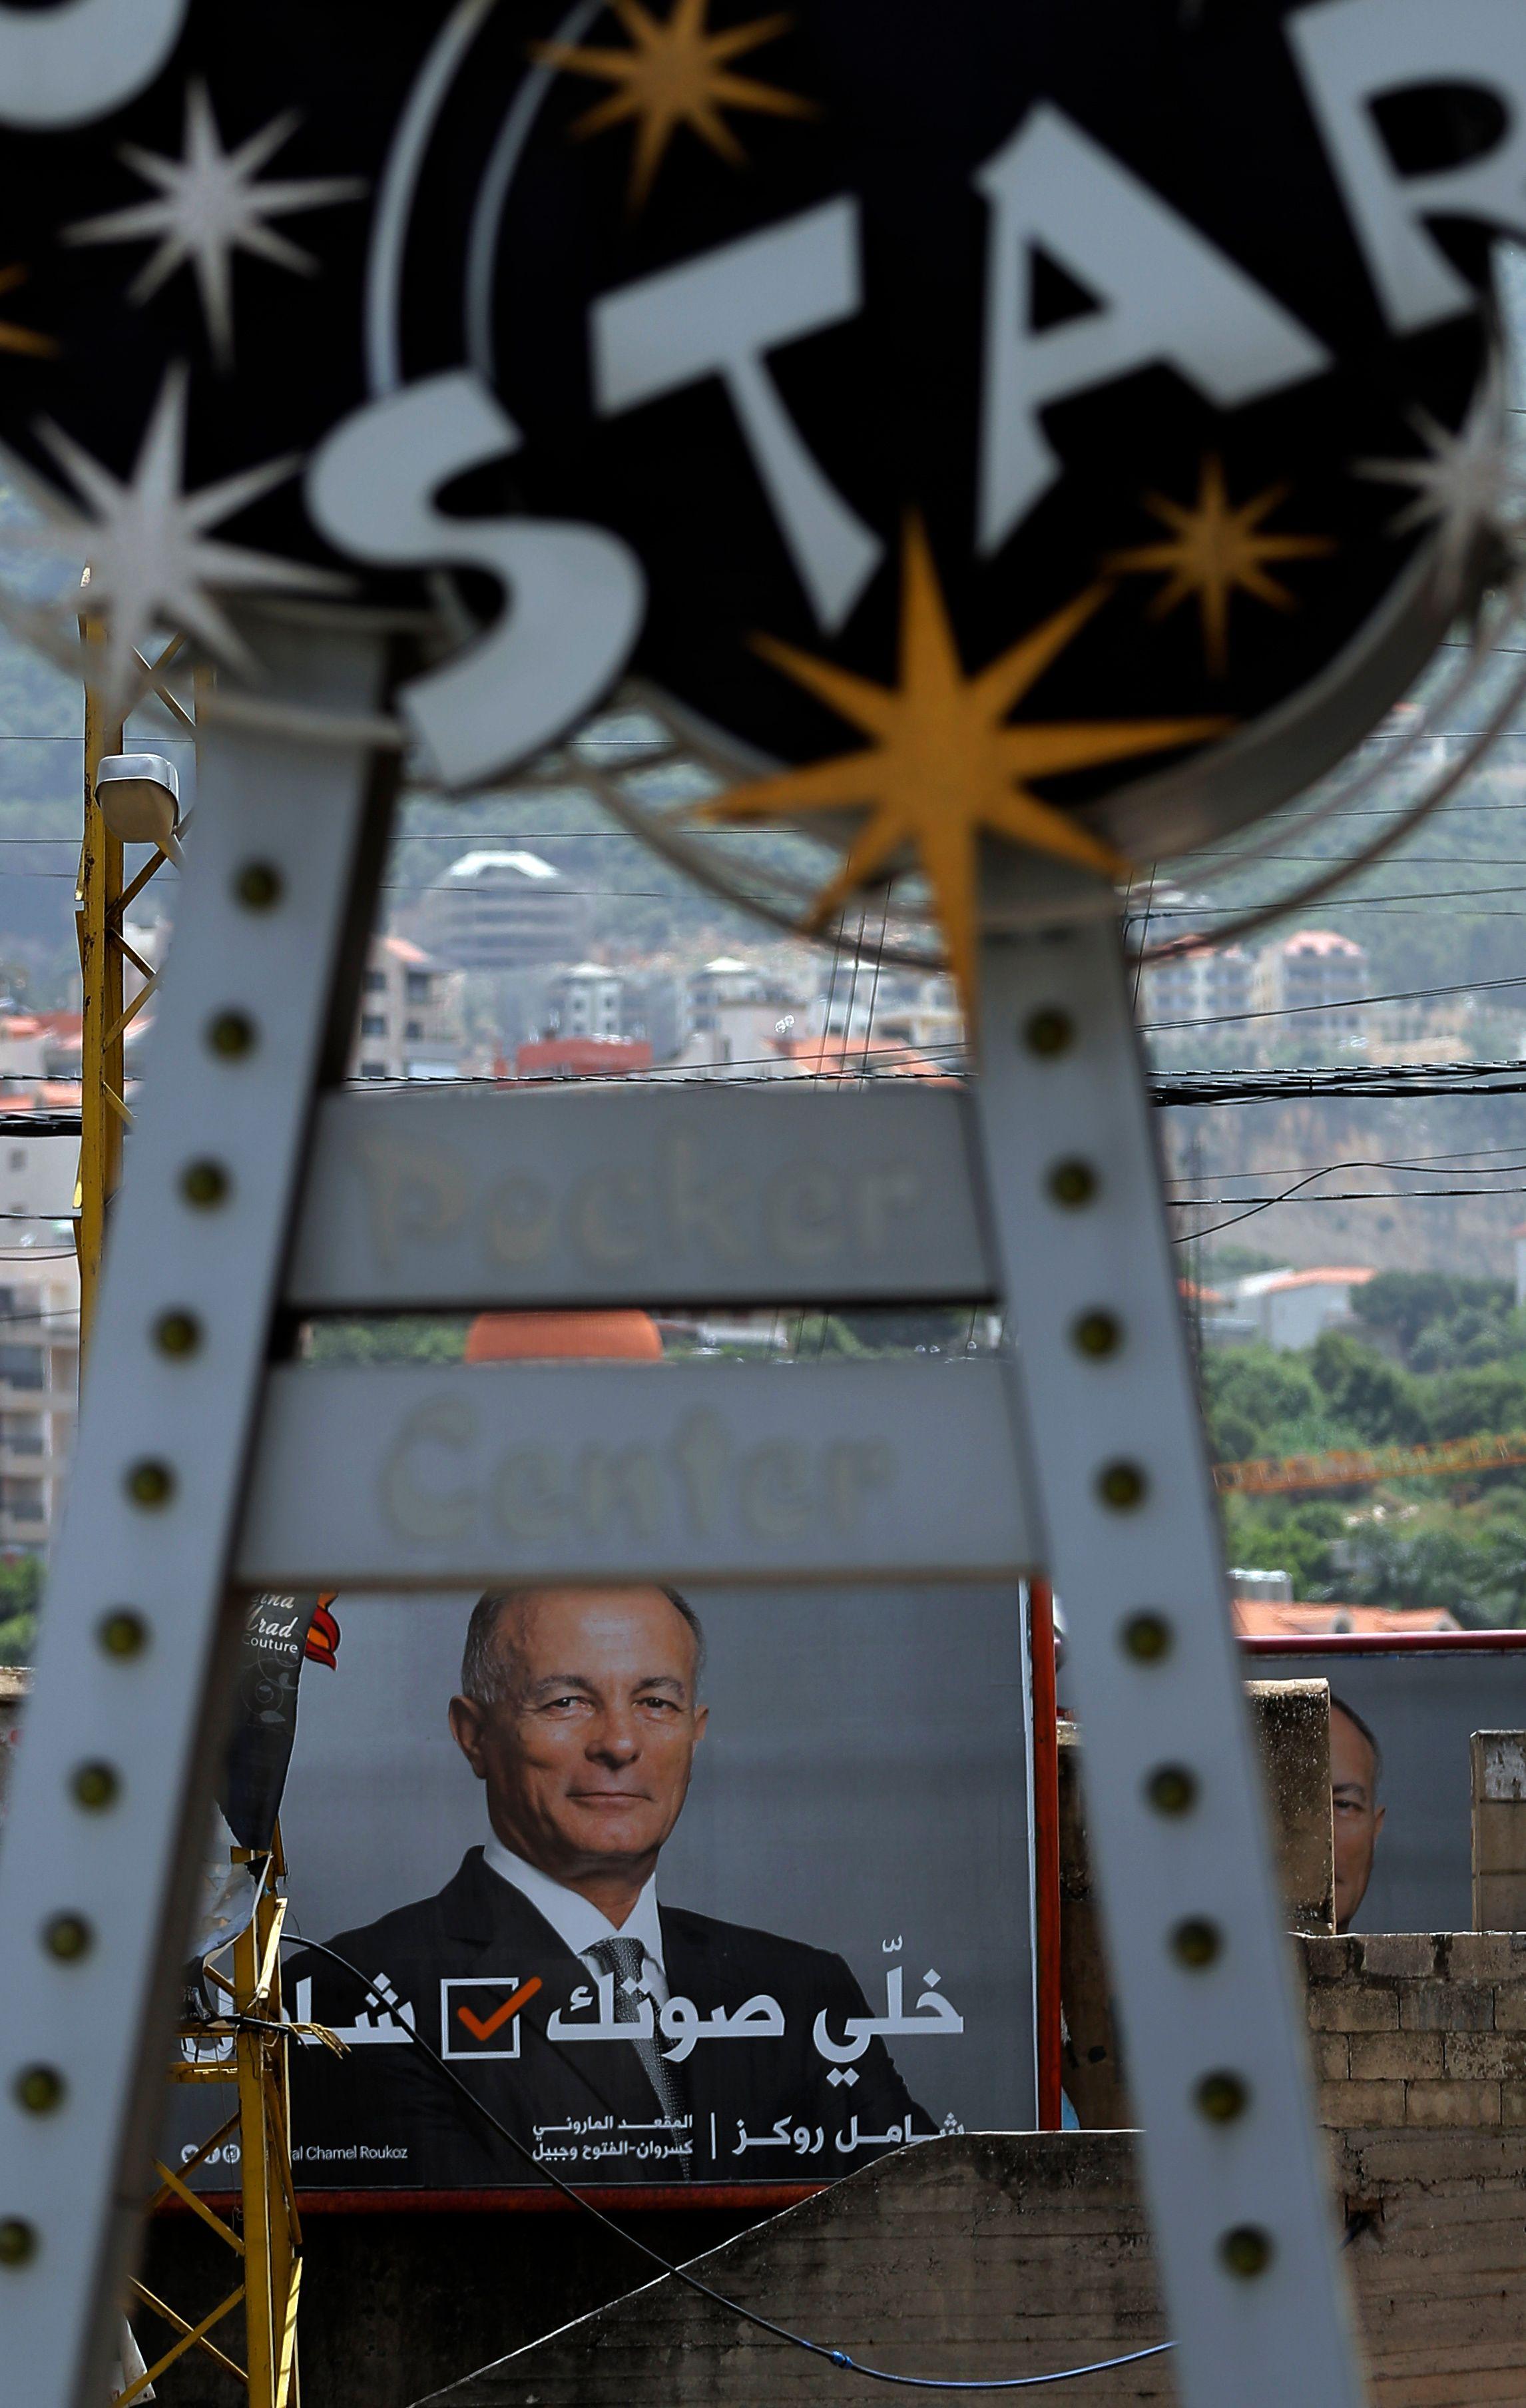 مرشح انتخابى بالانتخابات اللبنانية